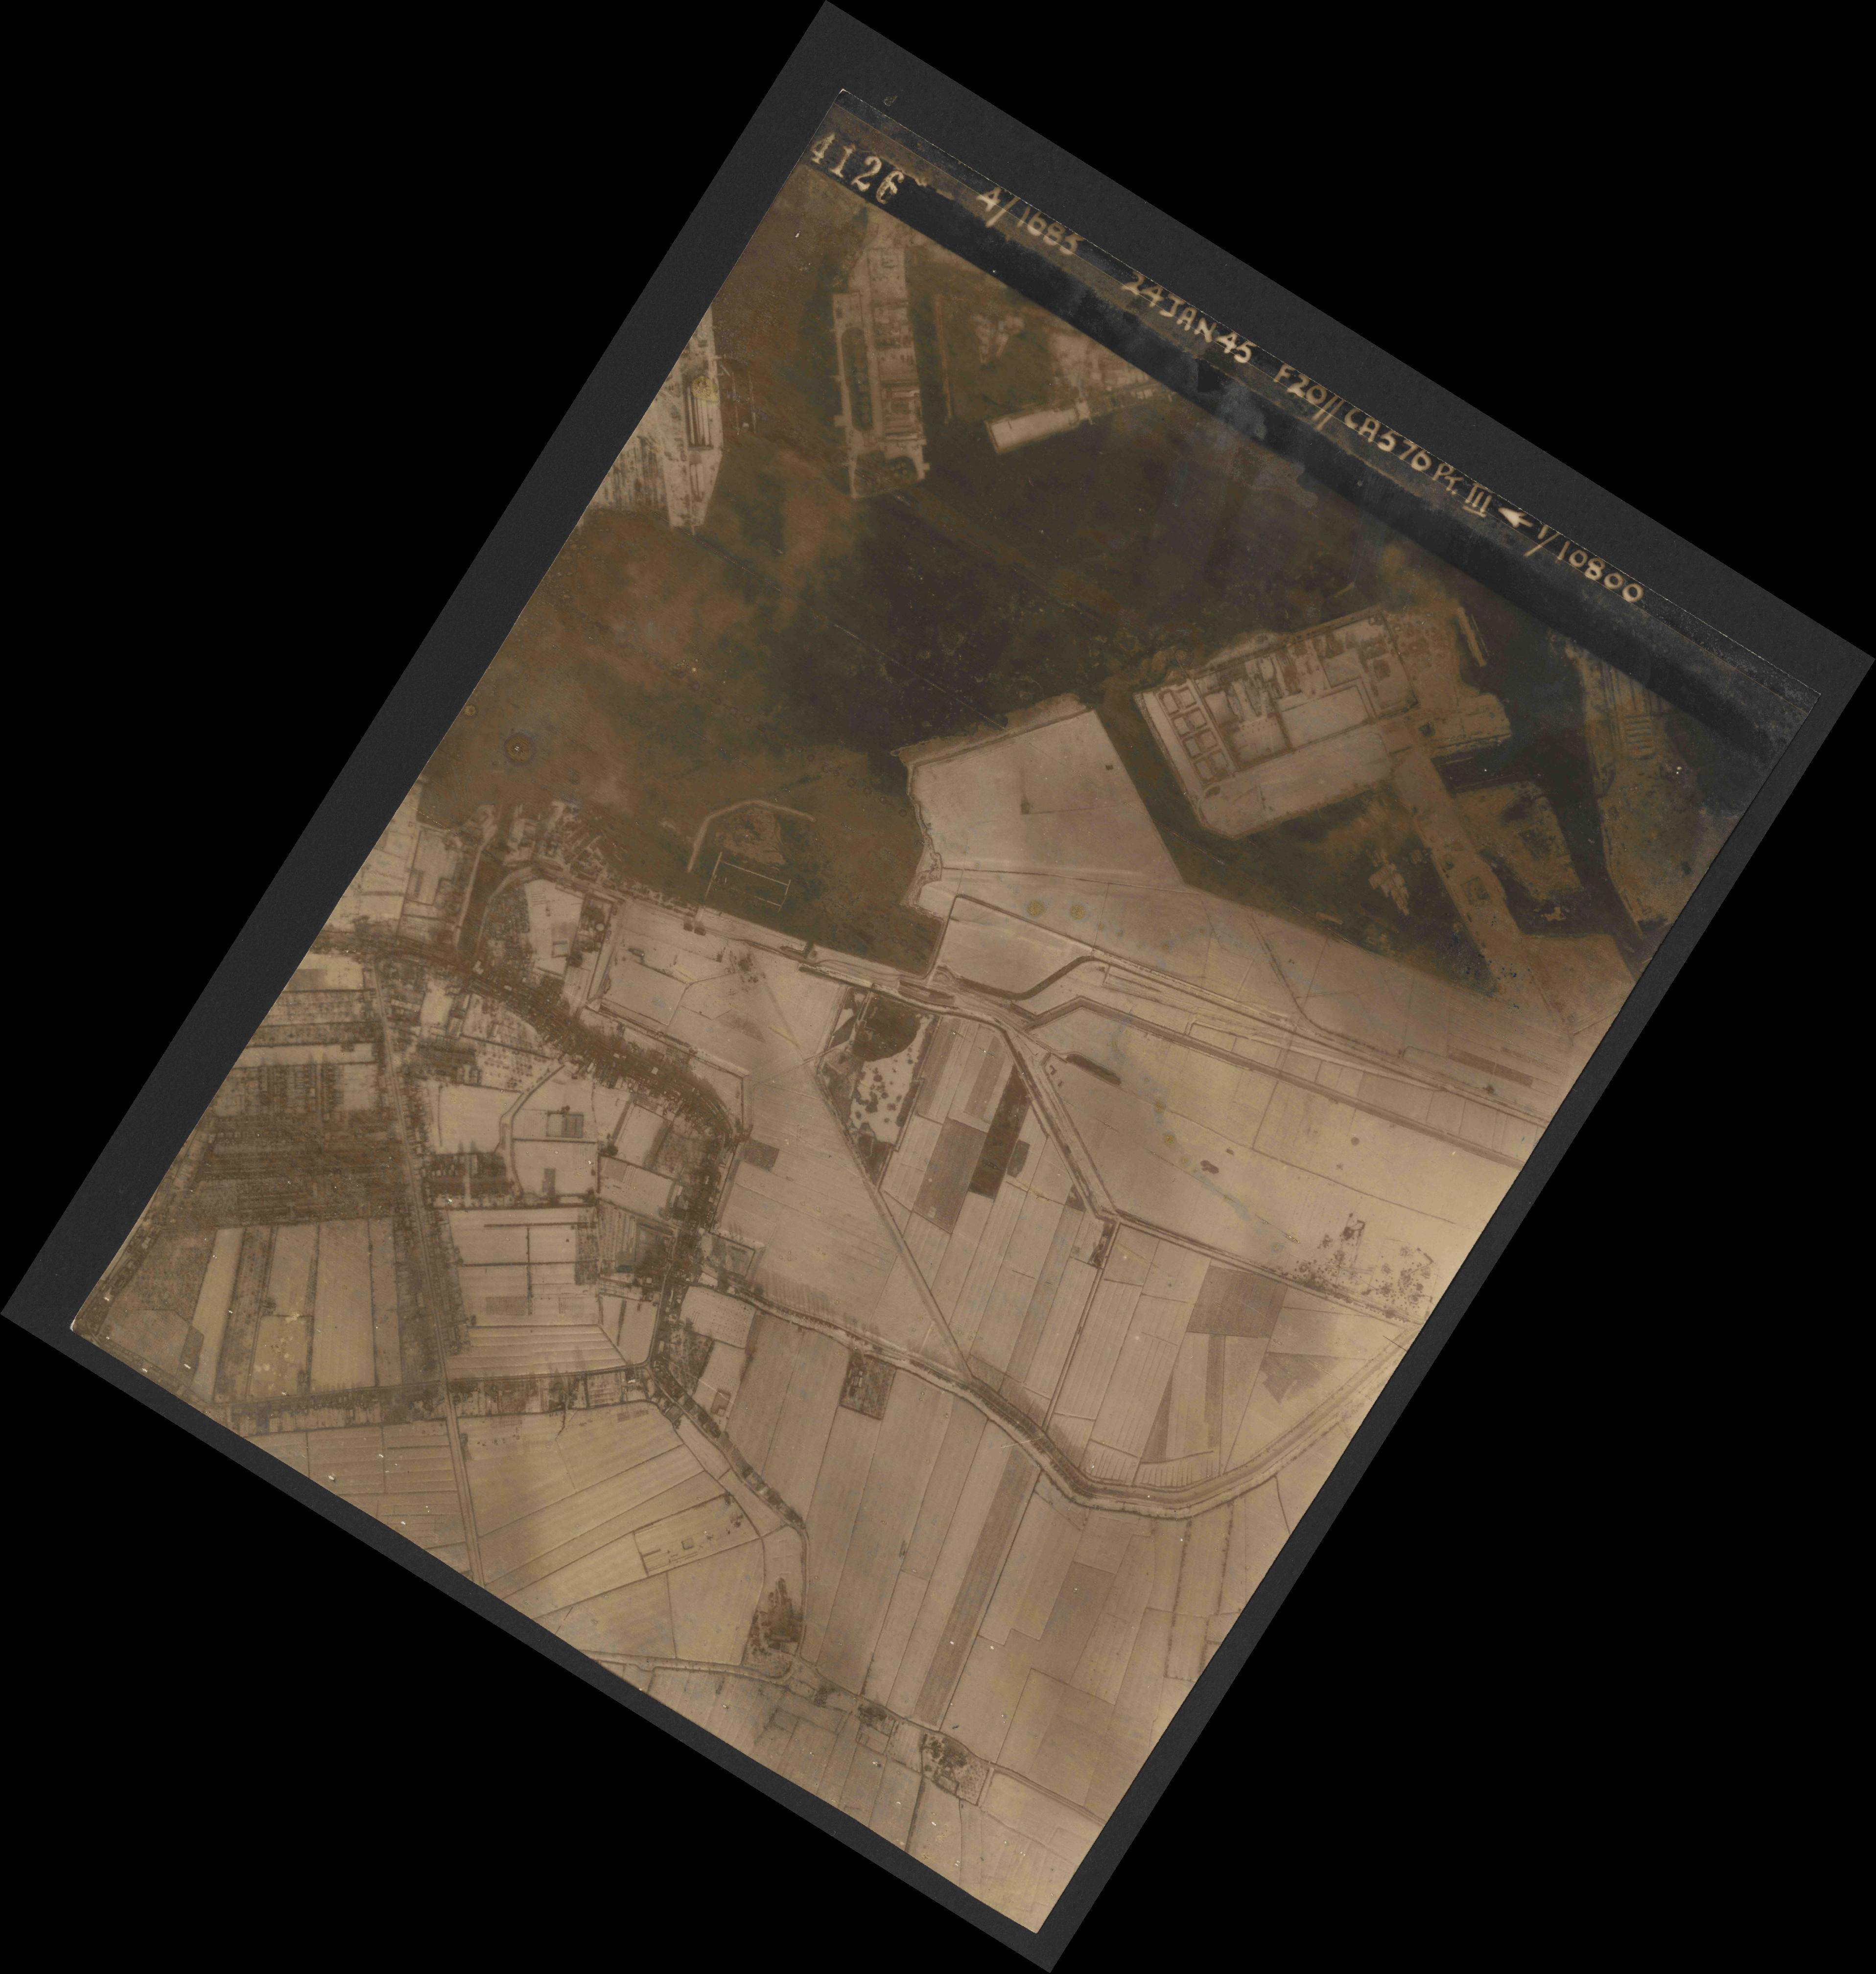 Collection RAF aerial photos 1940-1945 - flight 086, run 01, photo 4126